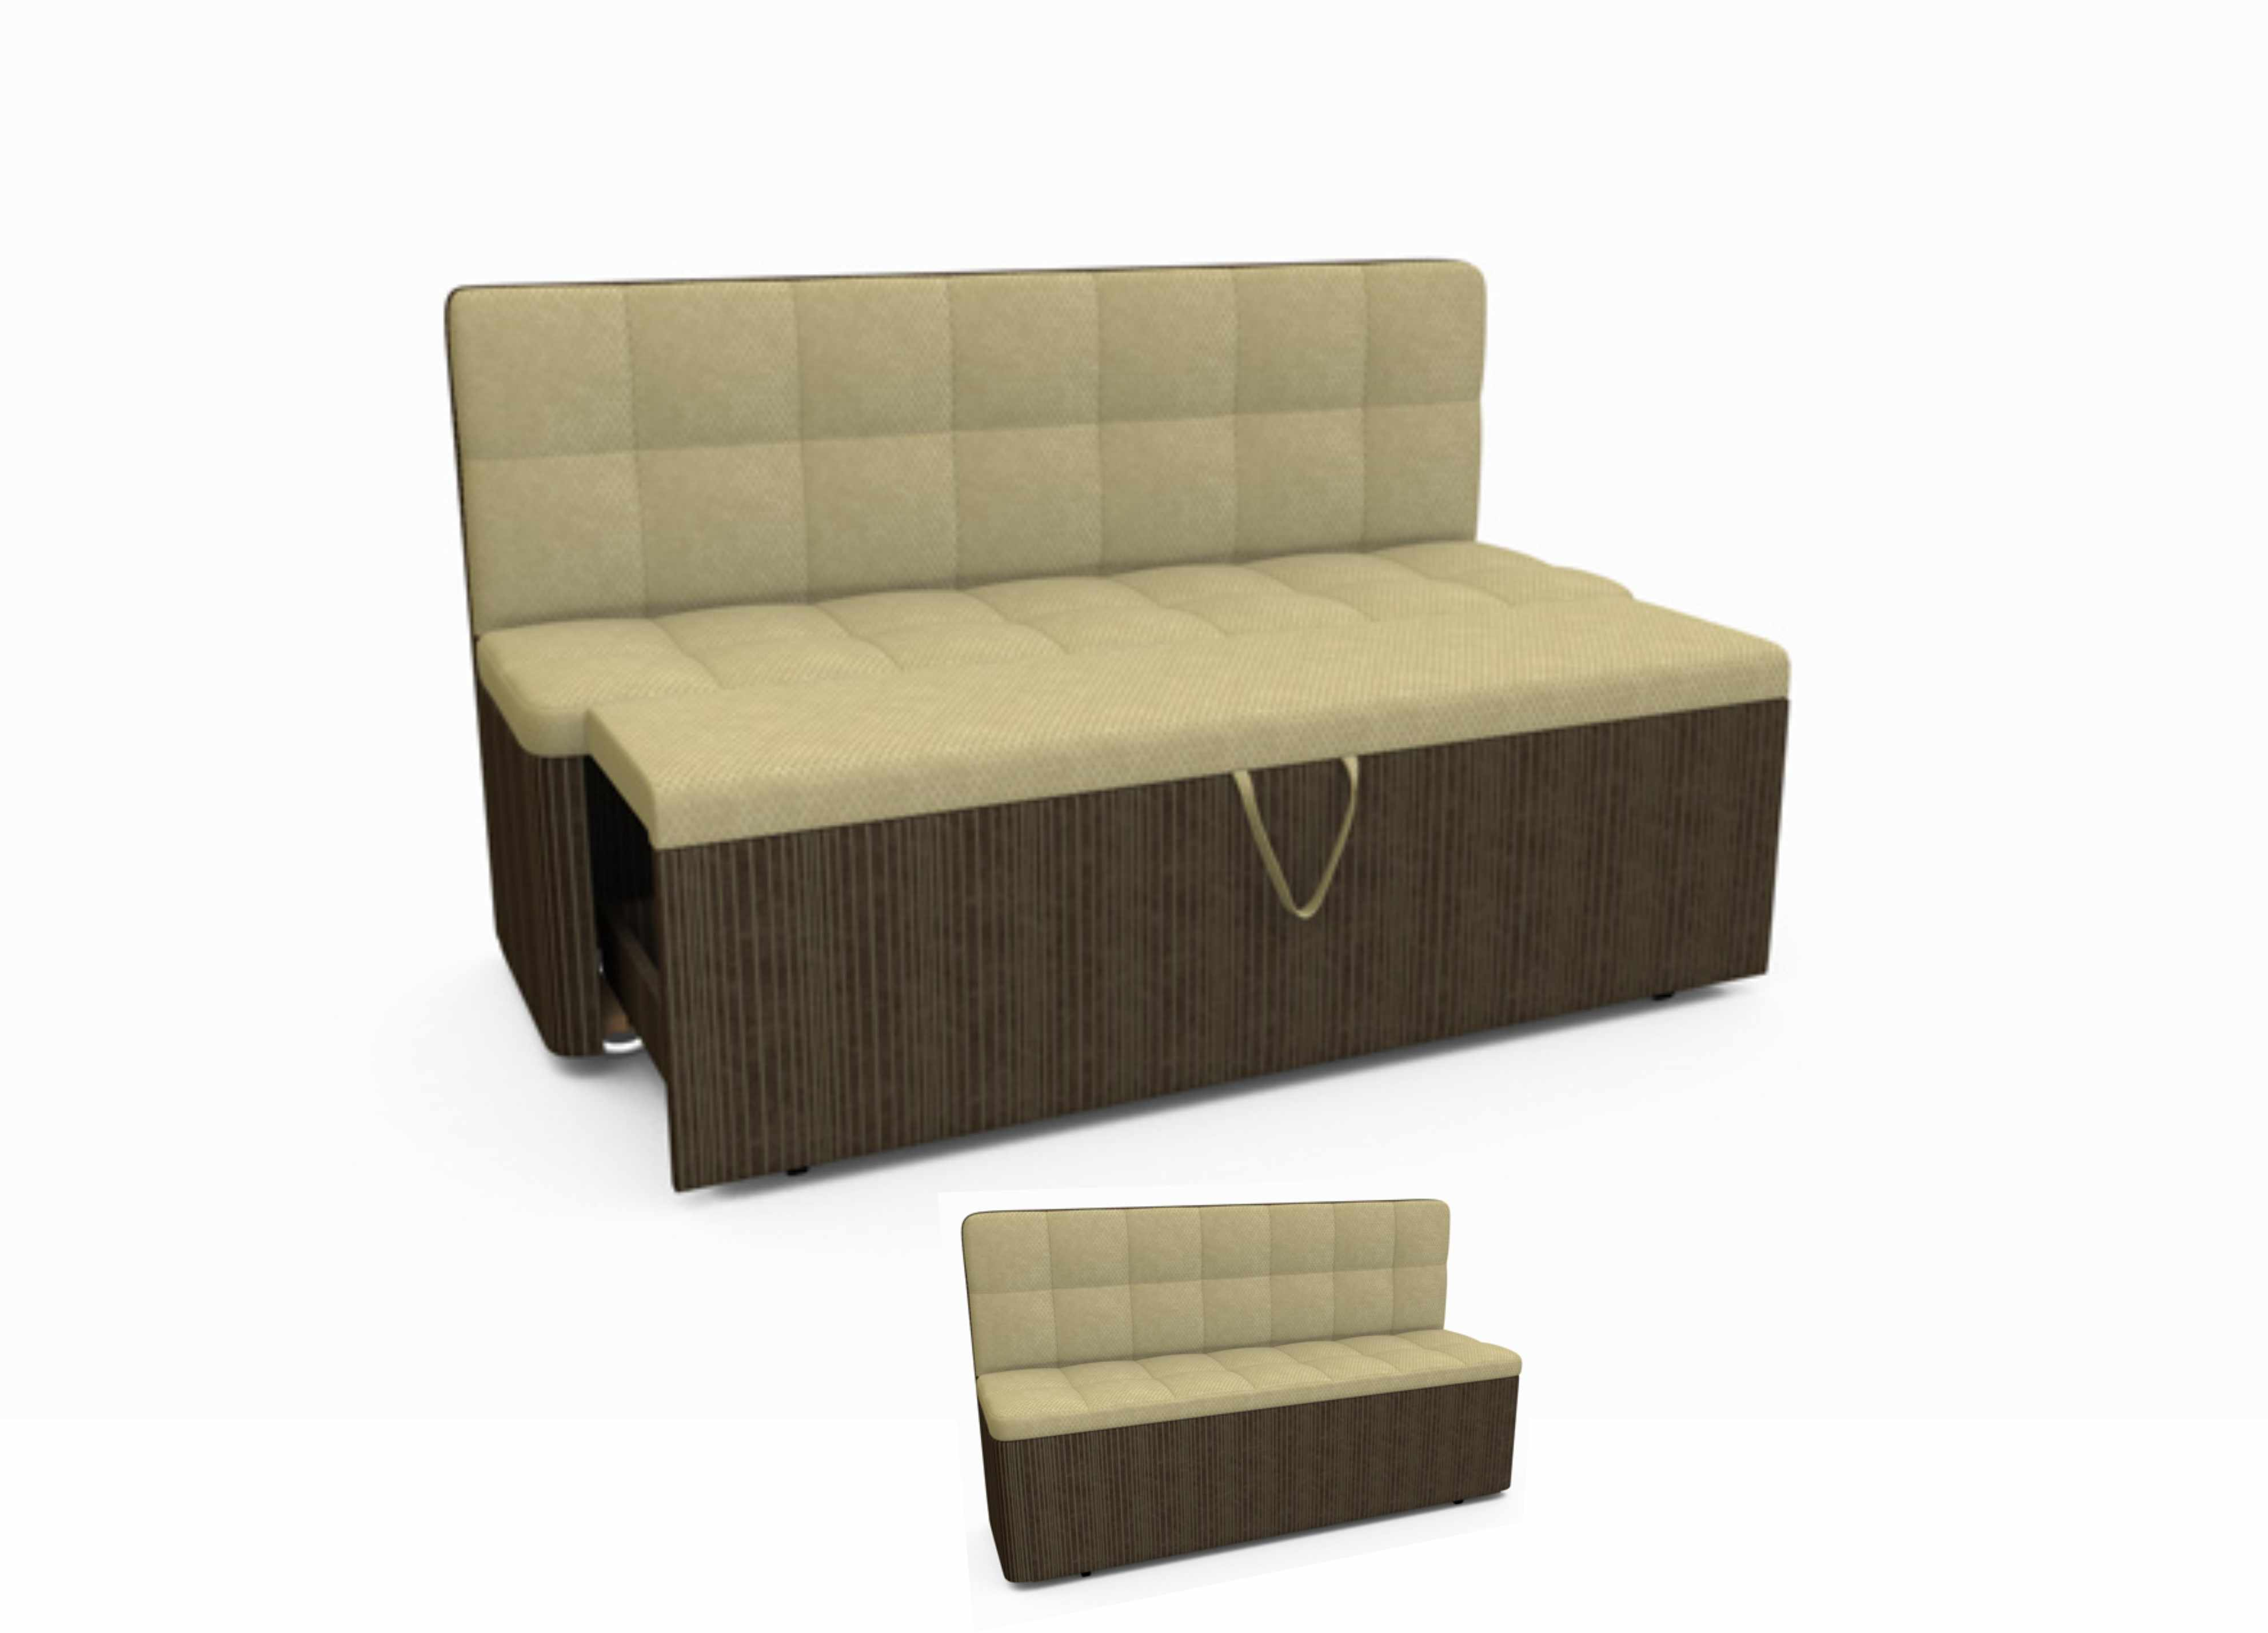 Маленький диван на кухню (86 фото): небольшие кухонные раскладные диванчики